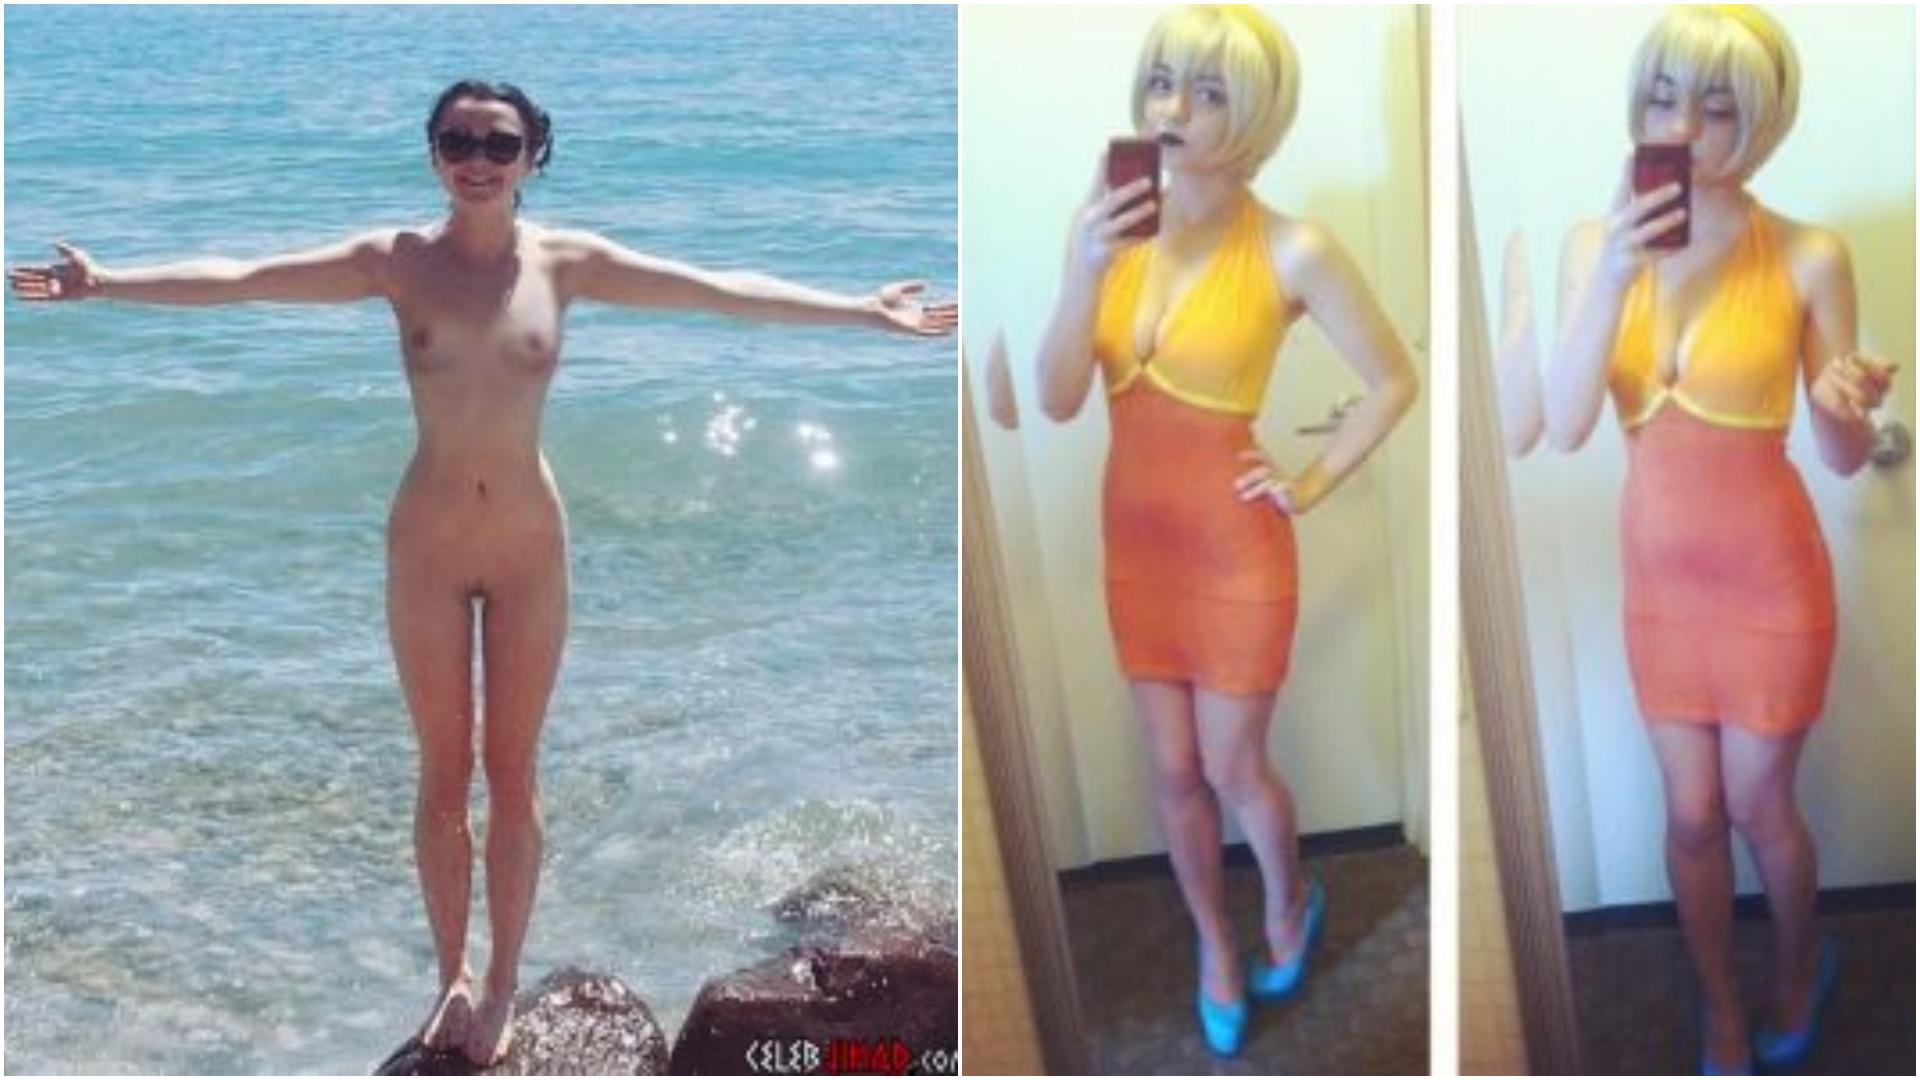 Maisie williams nude leaks